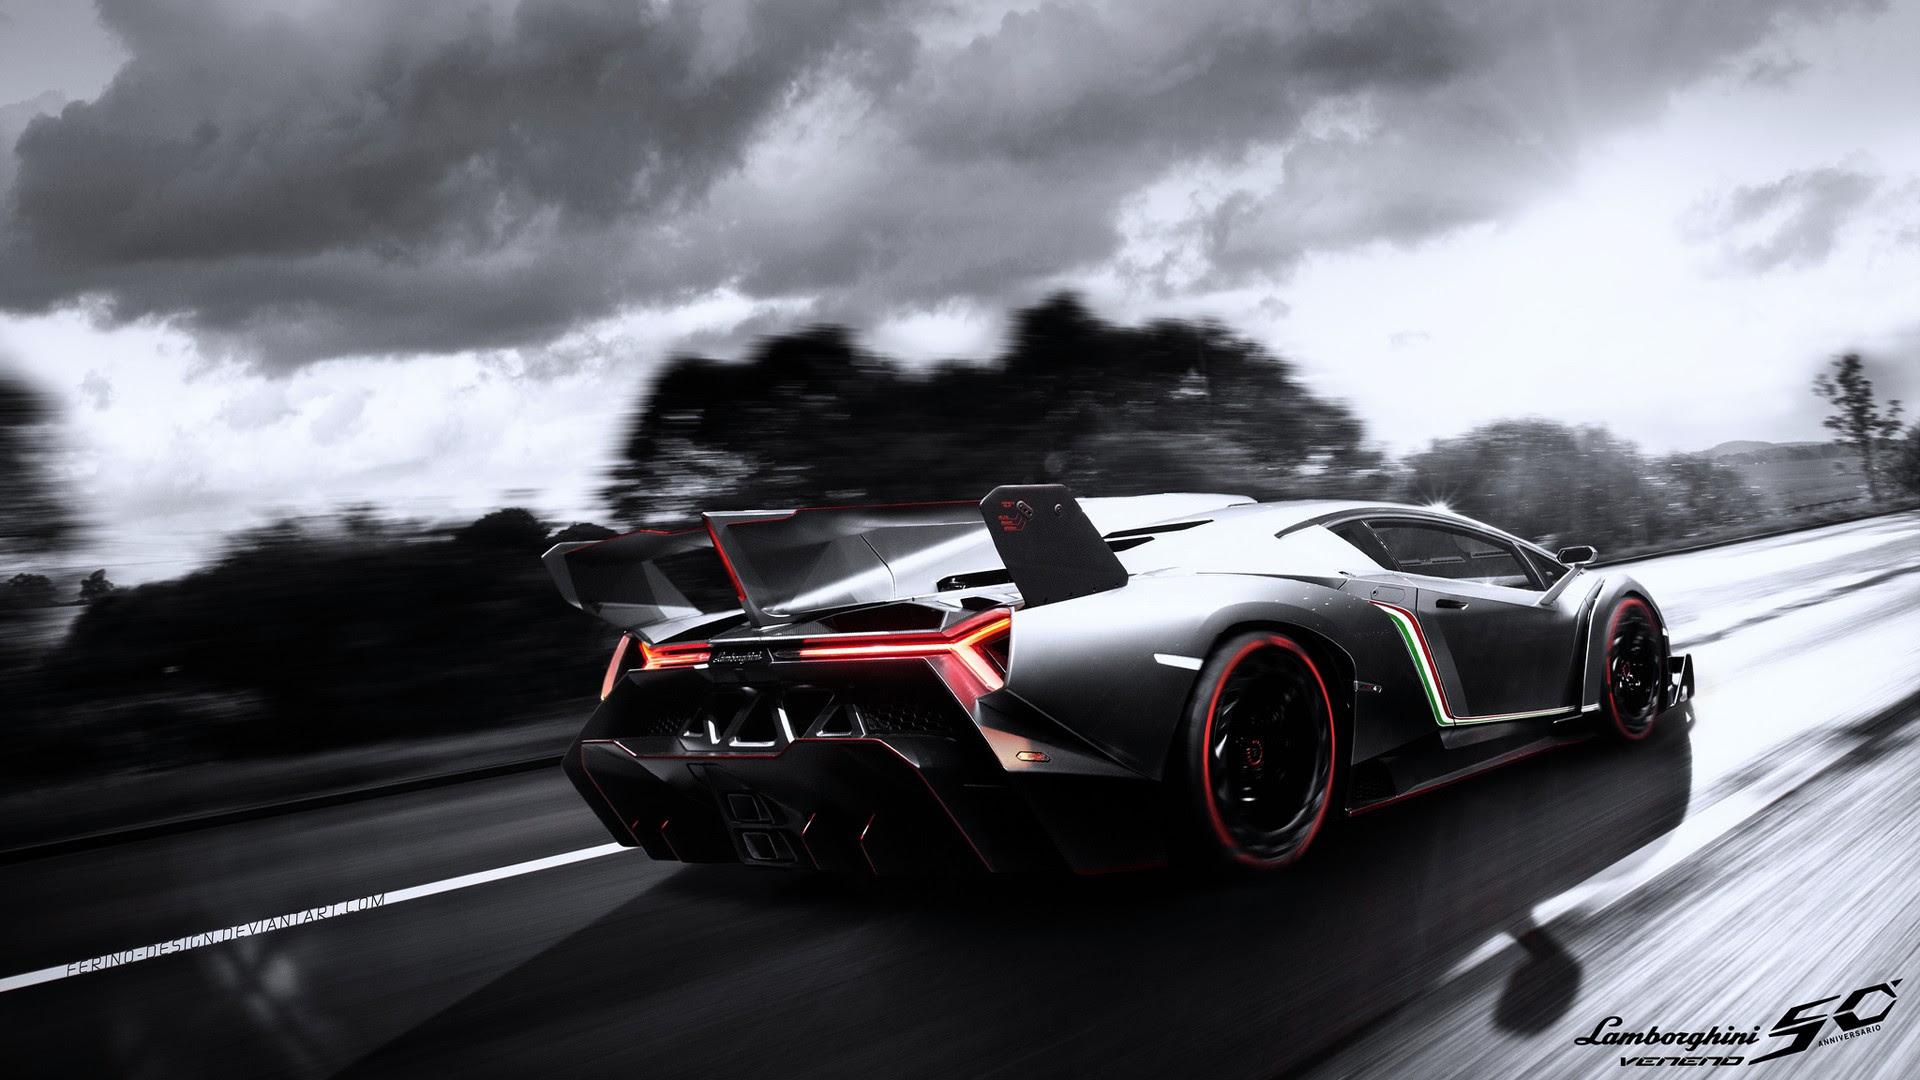 Lamborghini Gallardo Lp Wallpaper Hd Car Wallpapers 1920x1080